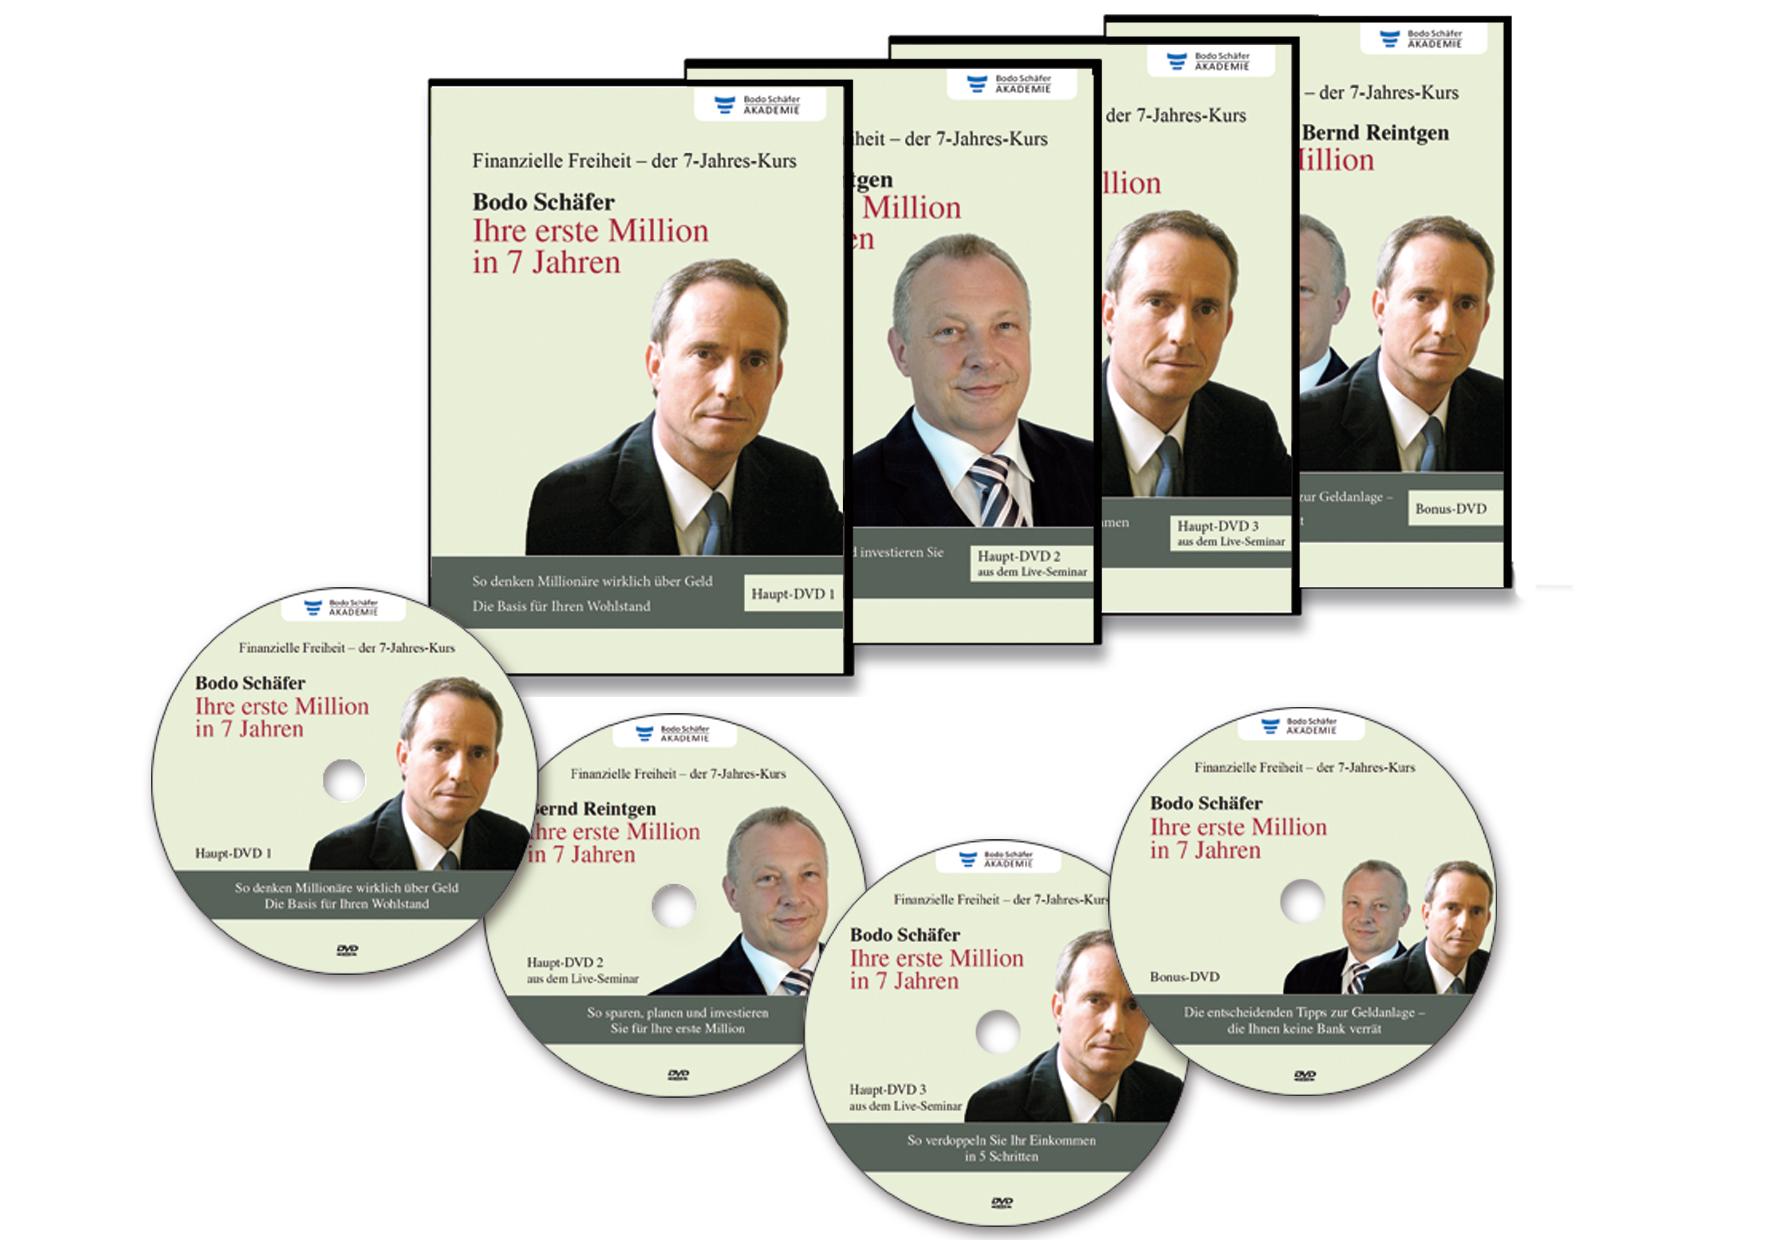 dvd_in_7_jahren_ohne5